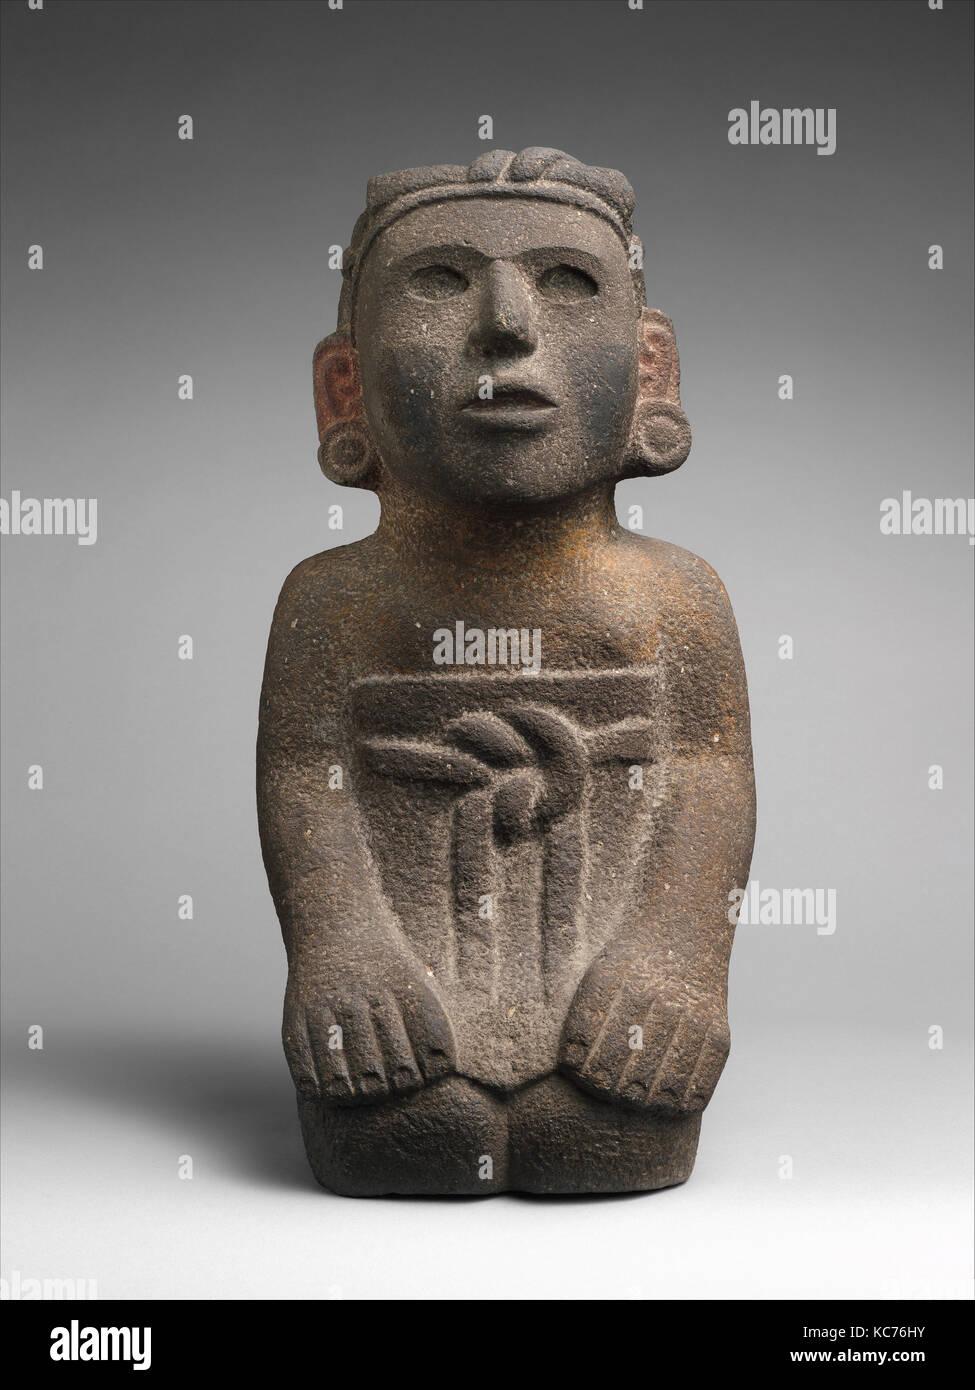 Mexiko Götter Tonfigur Statue äSthetisches Aussehen Mittel- & Südamerika